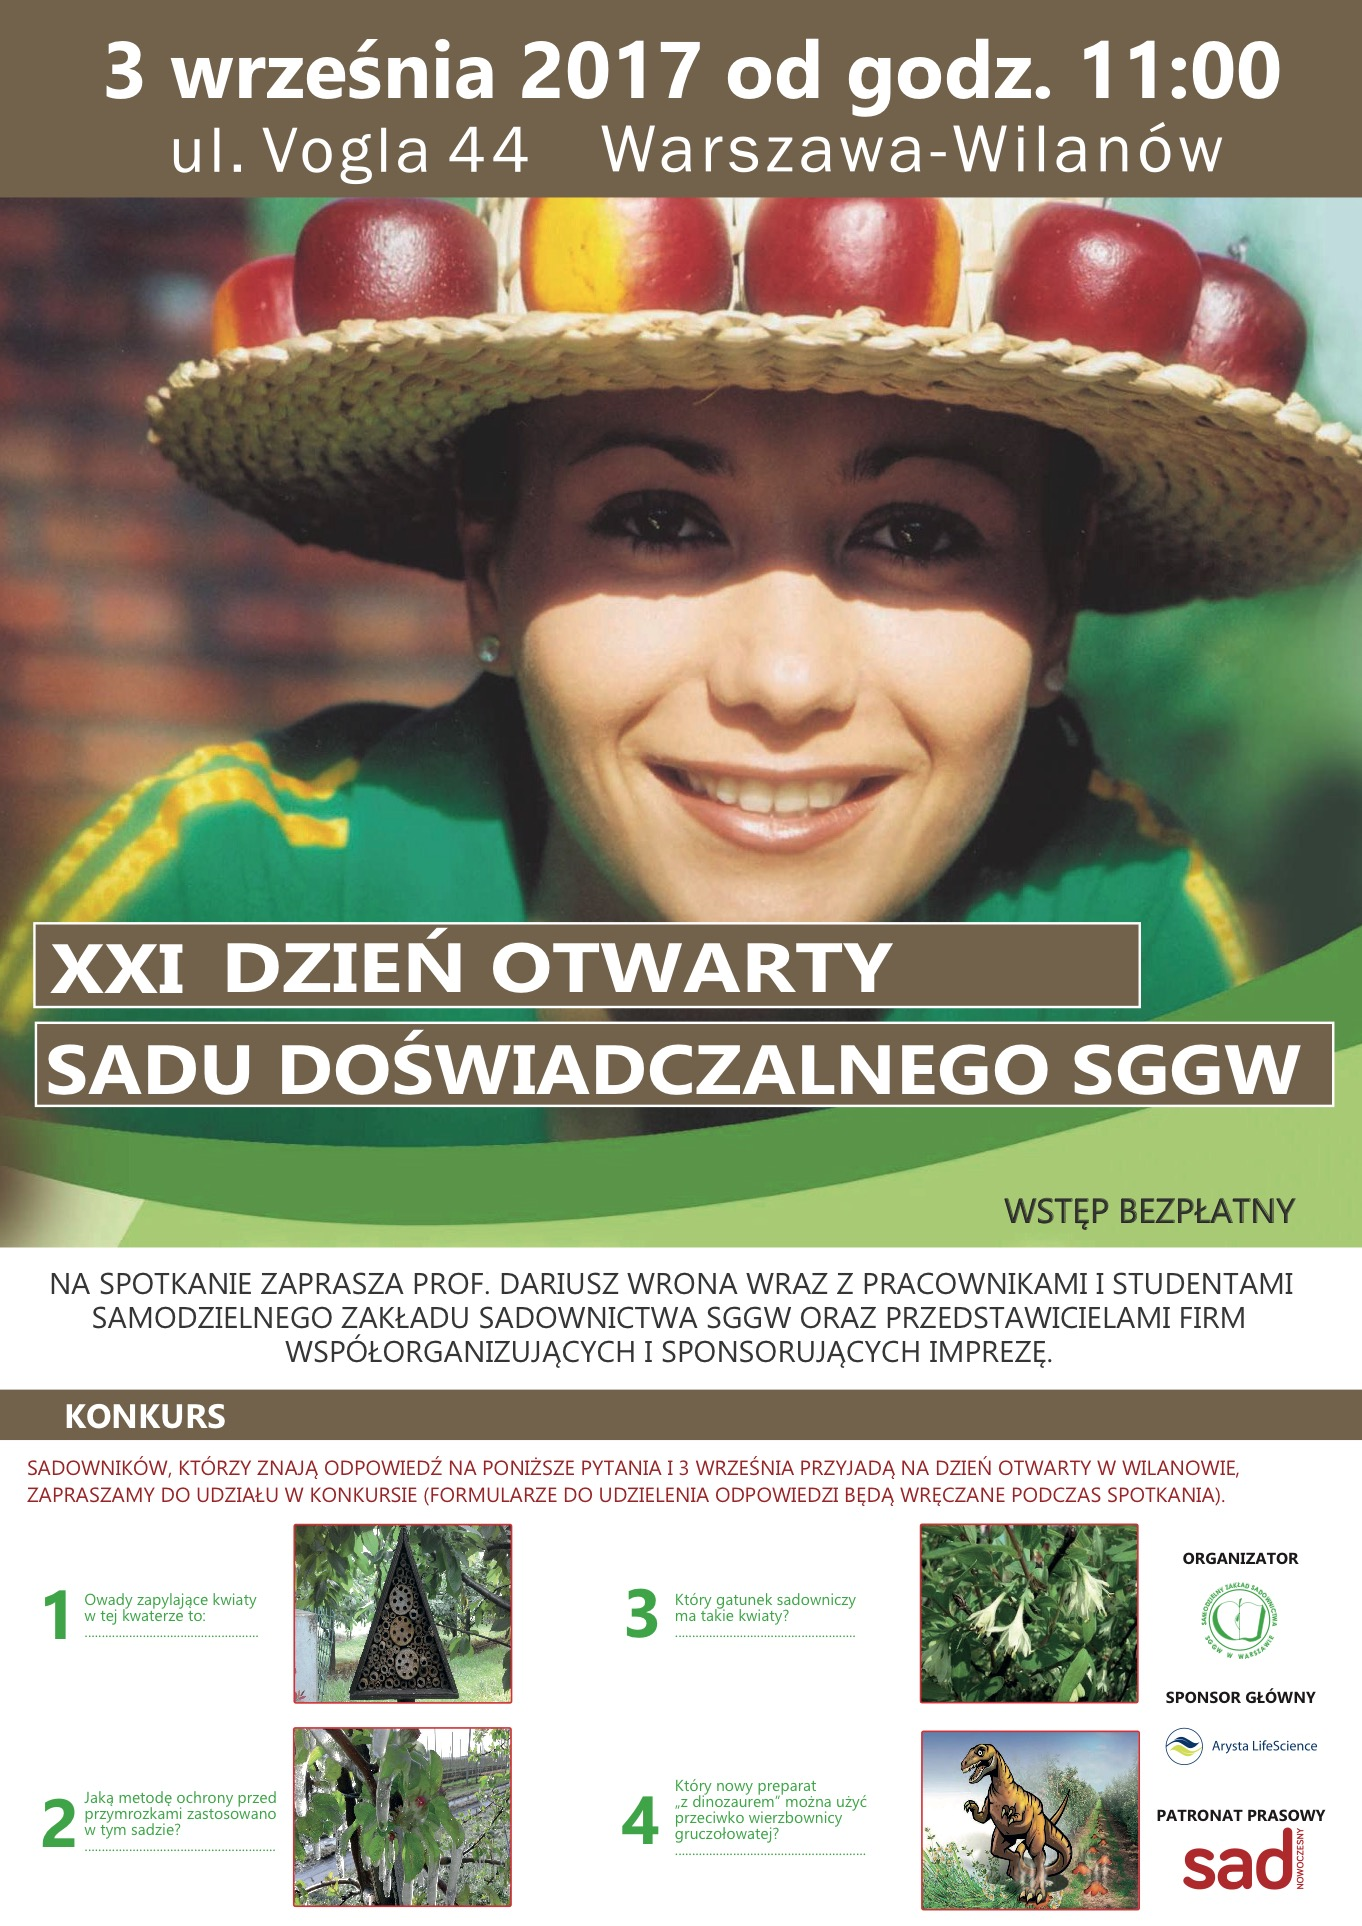 Dzień sadu SGGW 2017